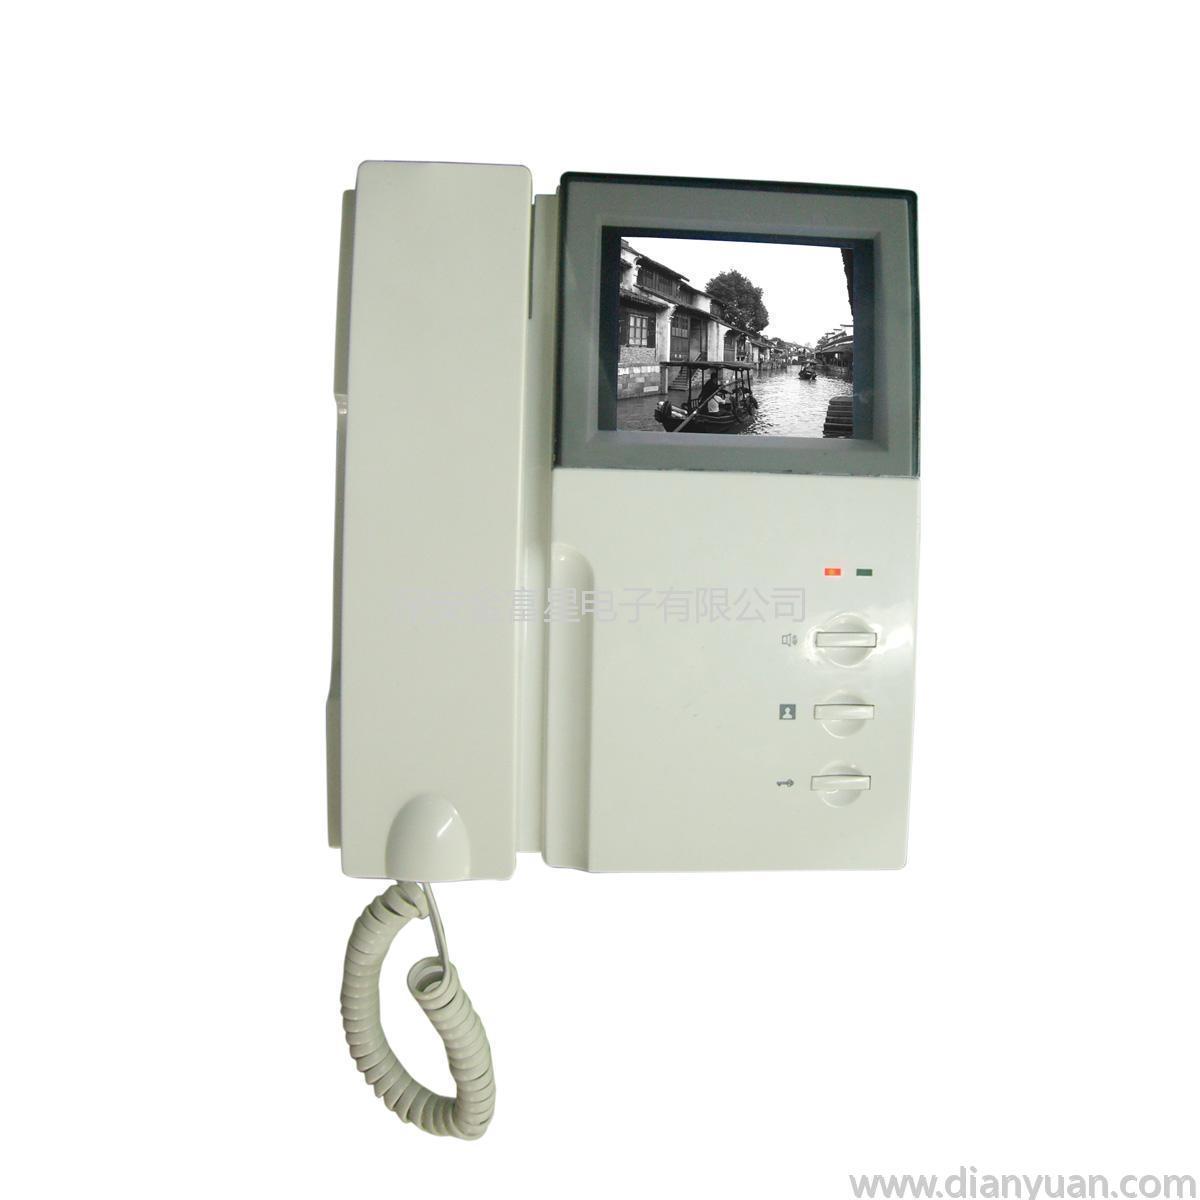 联网数码可视楼宇对讲系统,楼宇对讲机